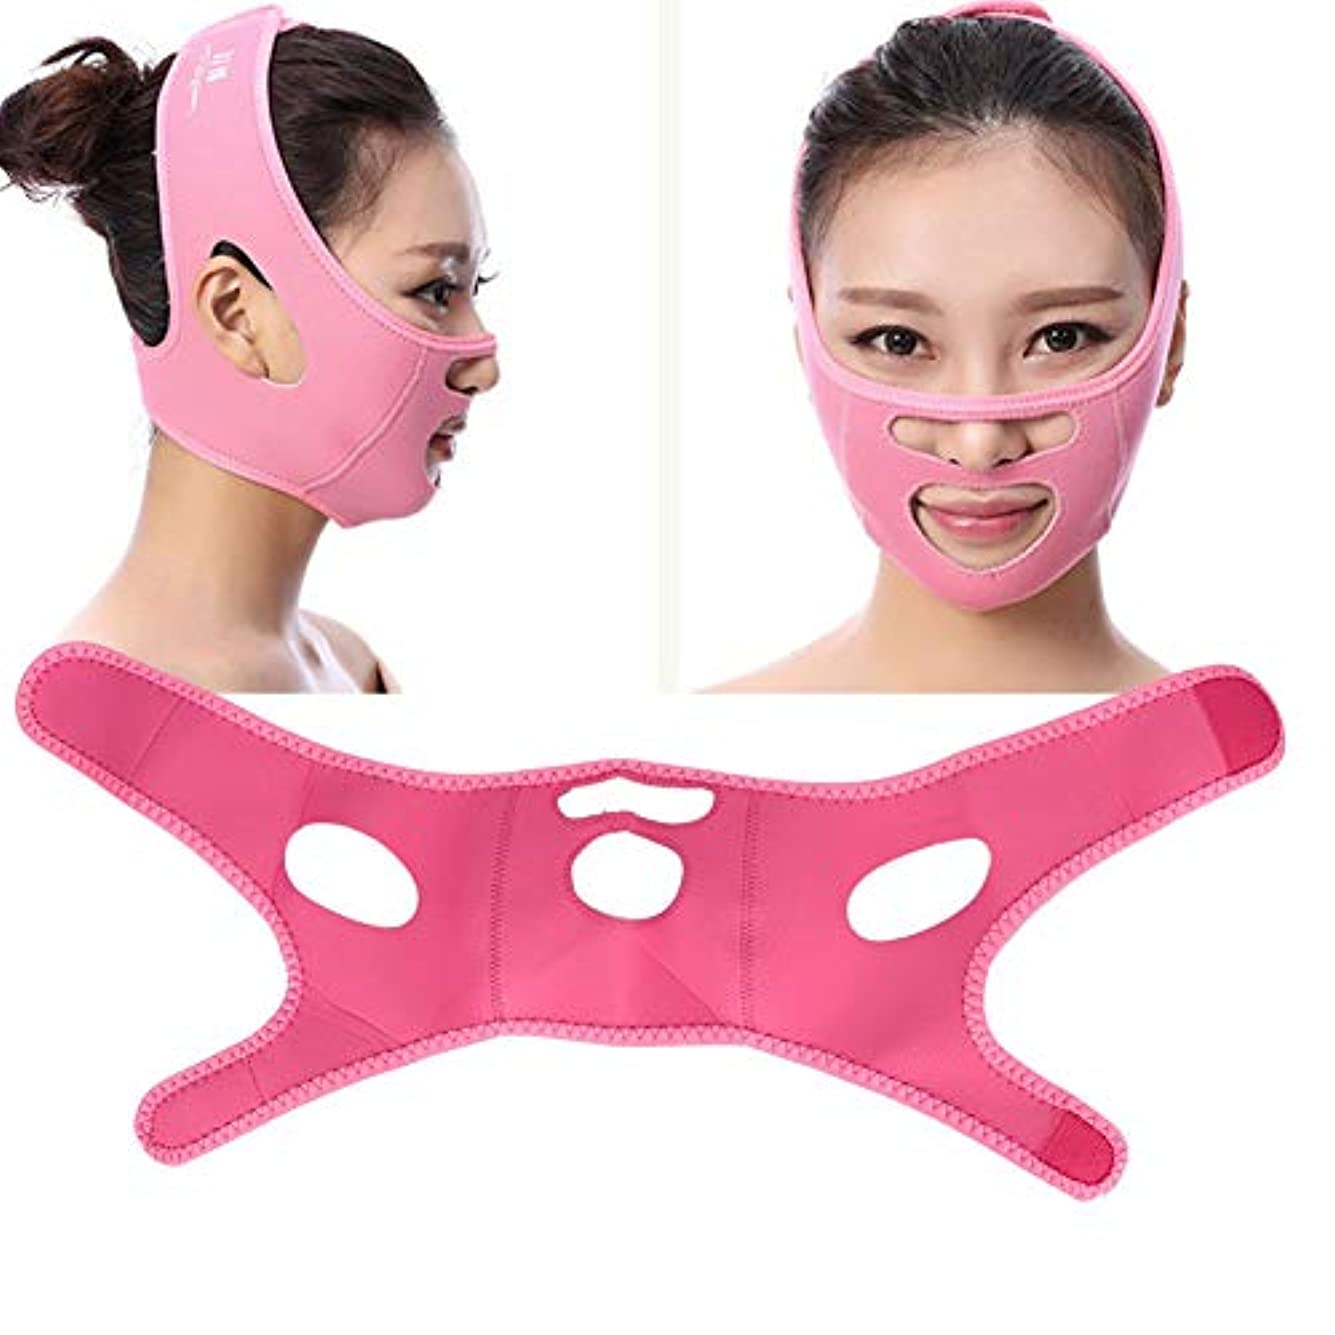 感じる農民ハーブスリミングマスク - V字型マスク、フェイスマスクV型 - 首とあごを持ち上げるため、アンチエイジング、しわを軽減